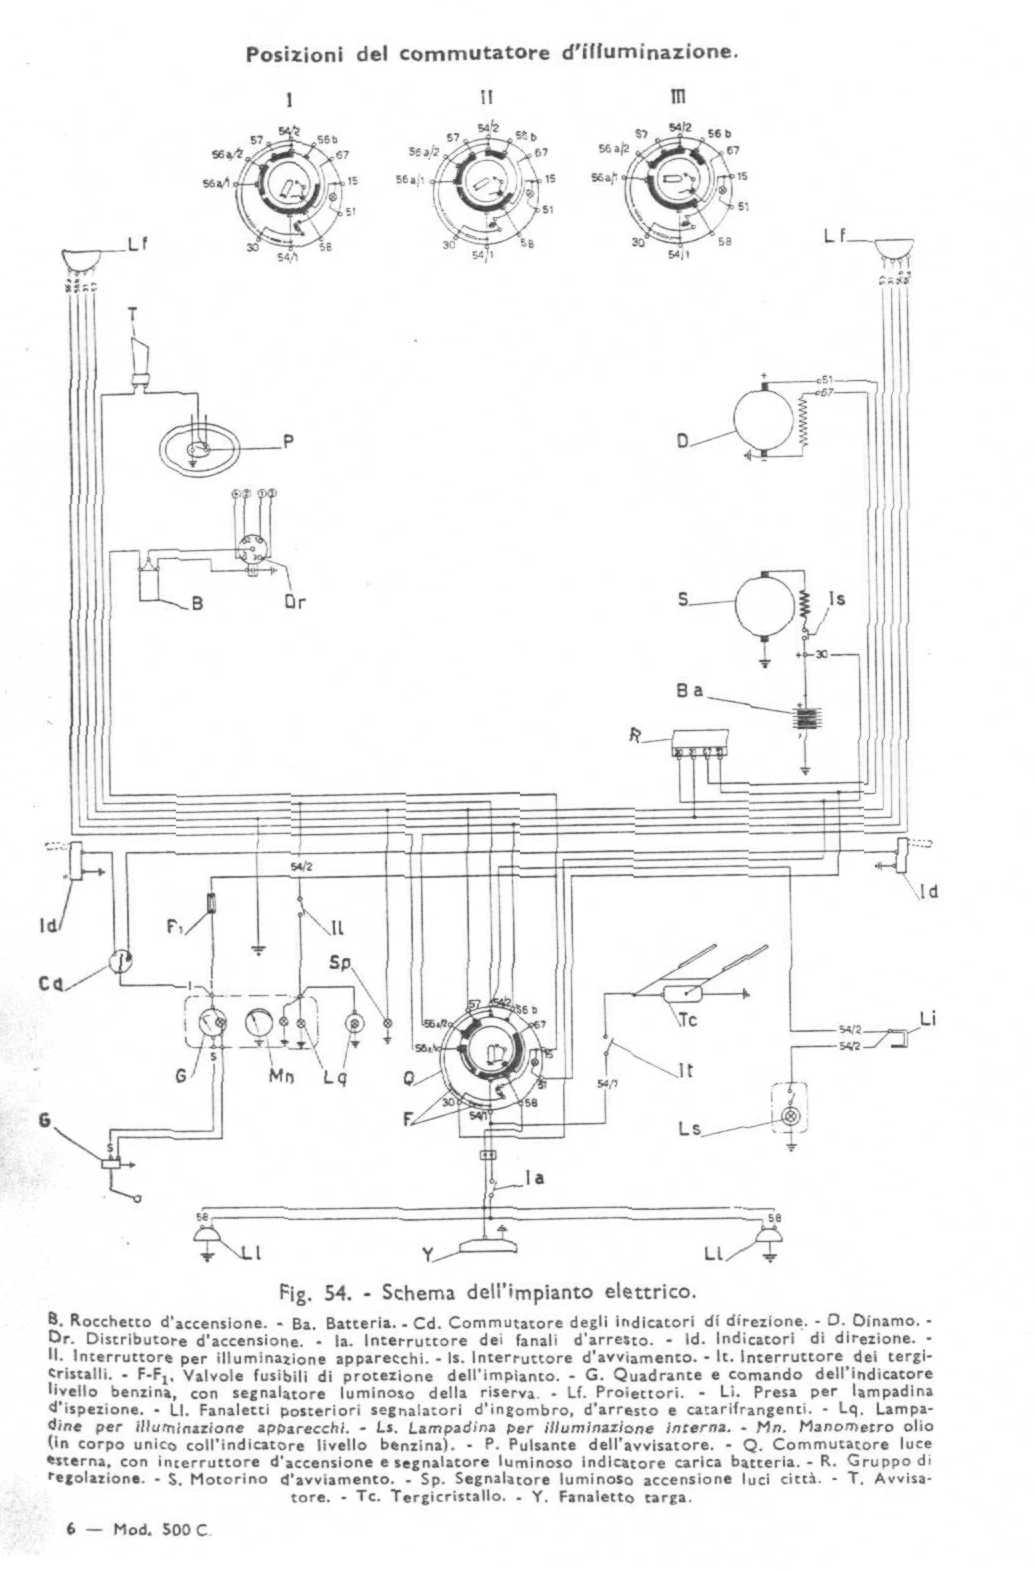 Schema Elettrico Fiat D : Schema elettrico fiat c topolino fare di una mosca